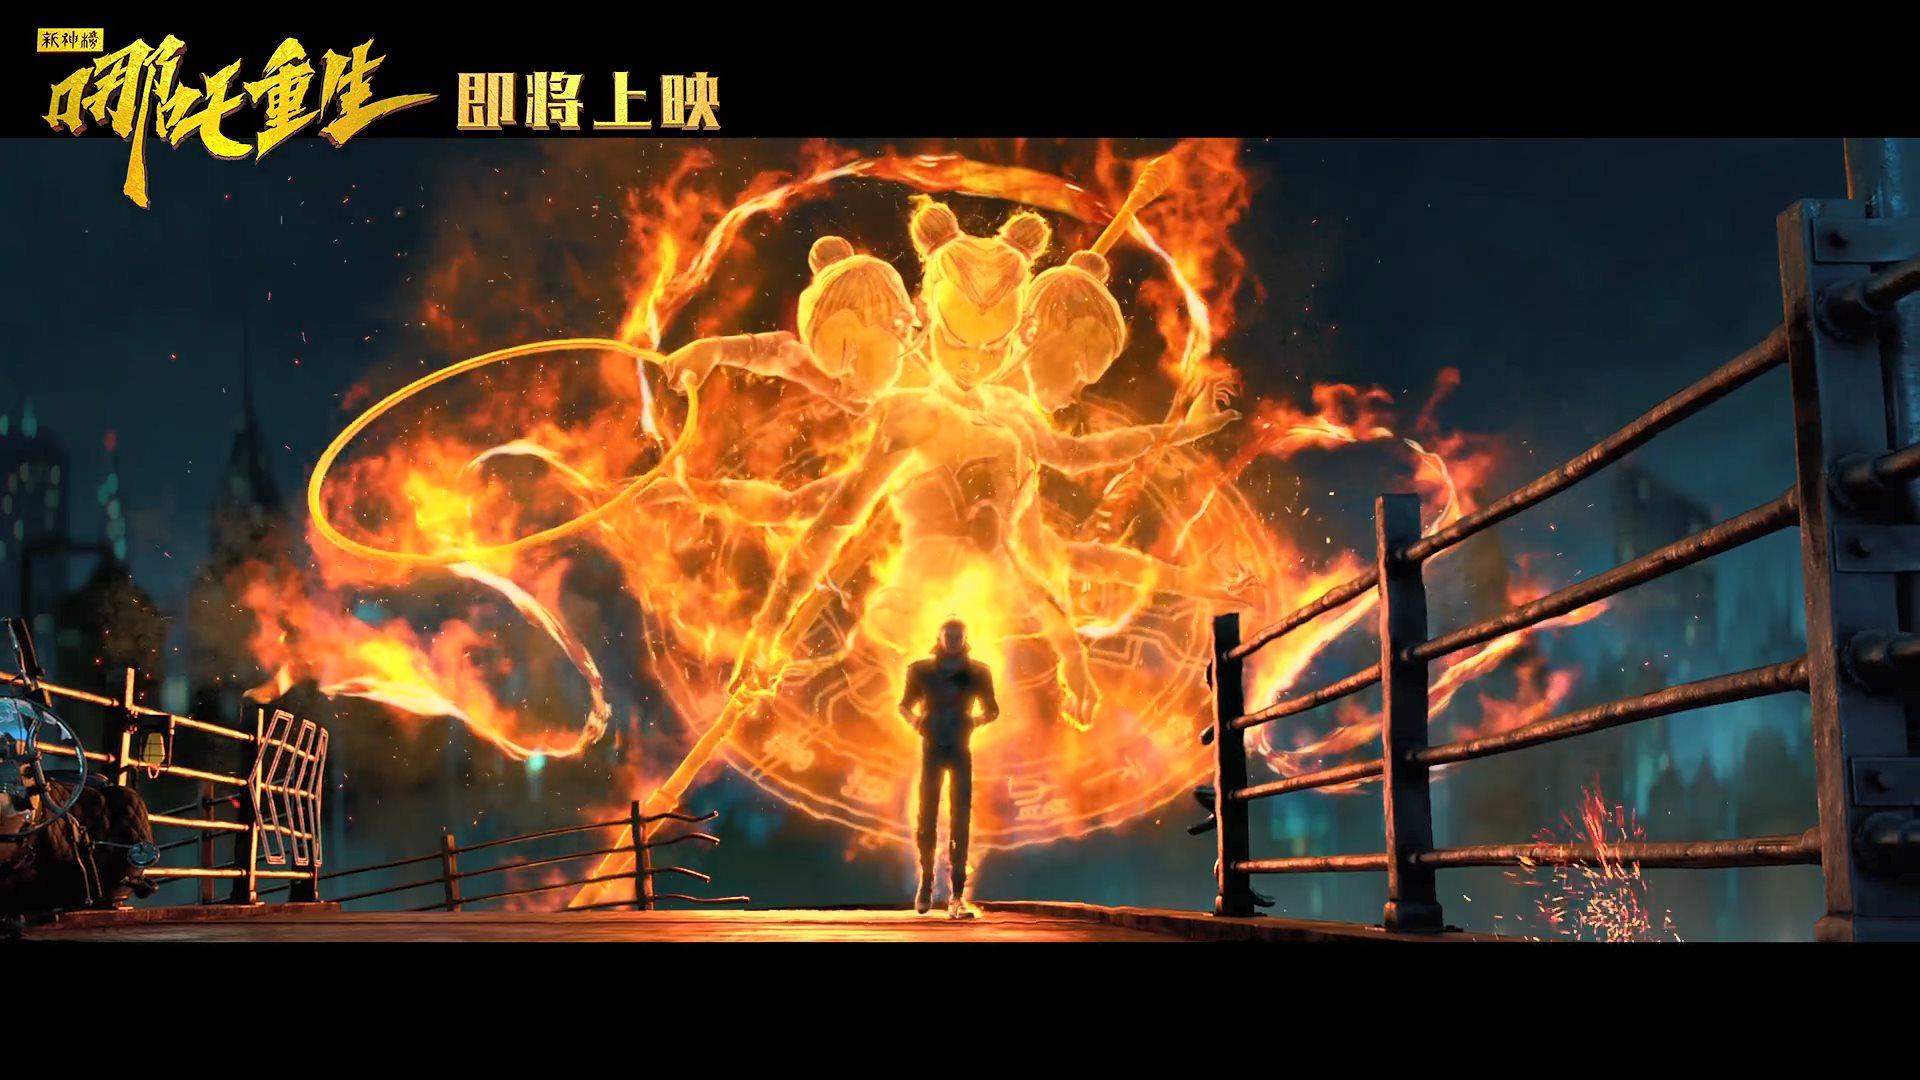 《哪吒重生》新预告释出,白蛇缘起原班人马制作 机械朋克与神话的碰撞